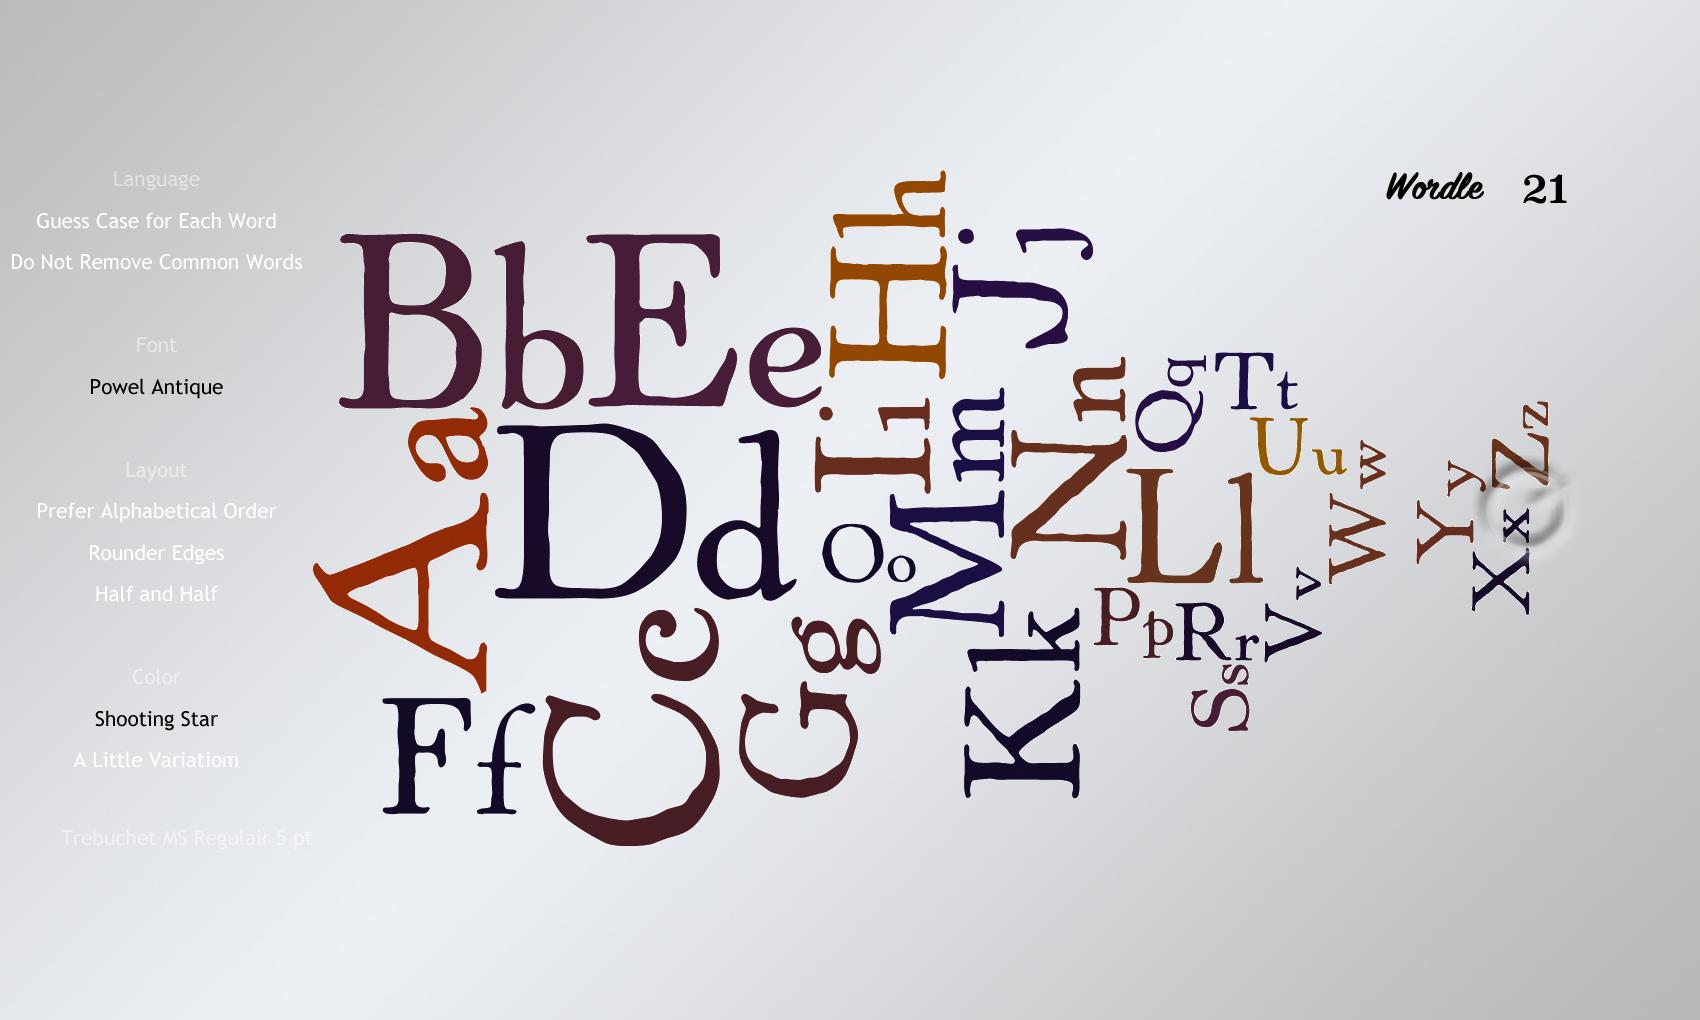 Wordle 21 Powel Antique